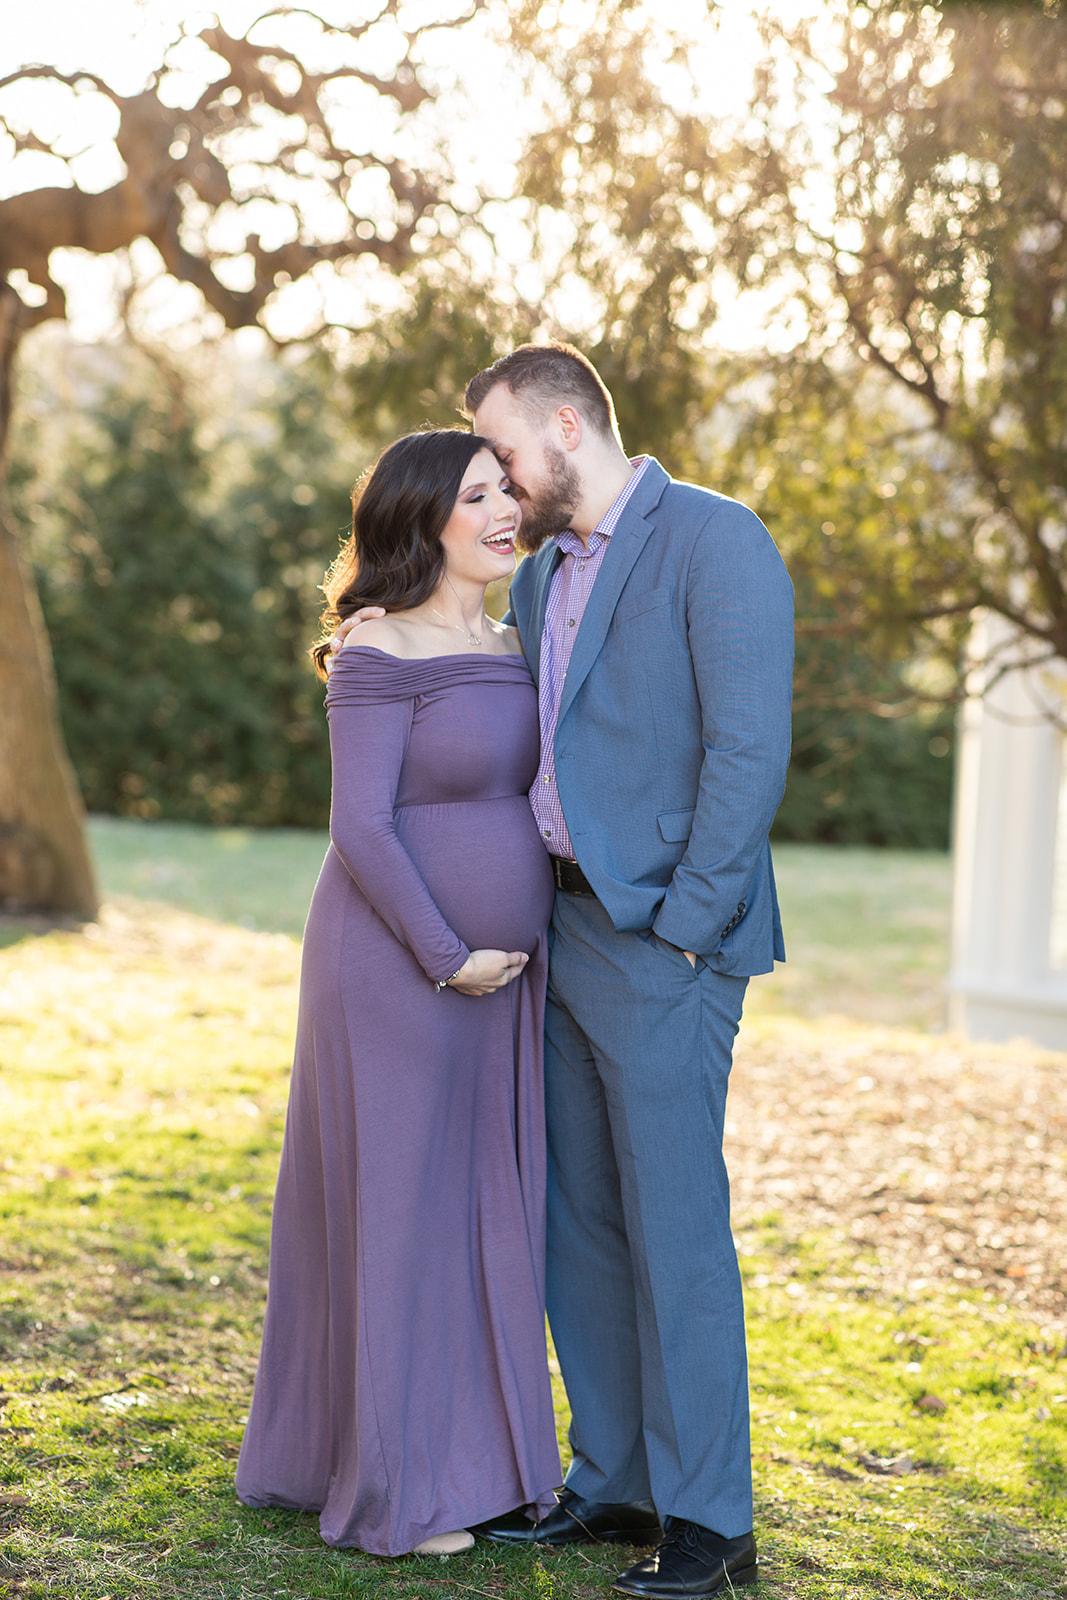 Katie & Ben Maternity